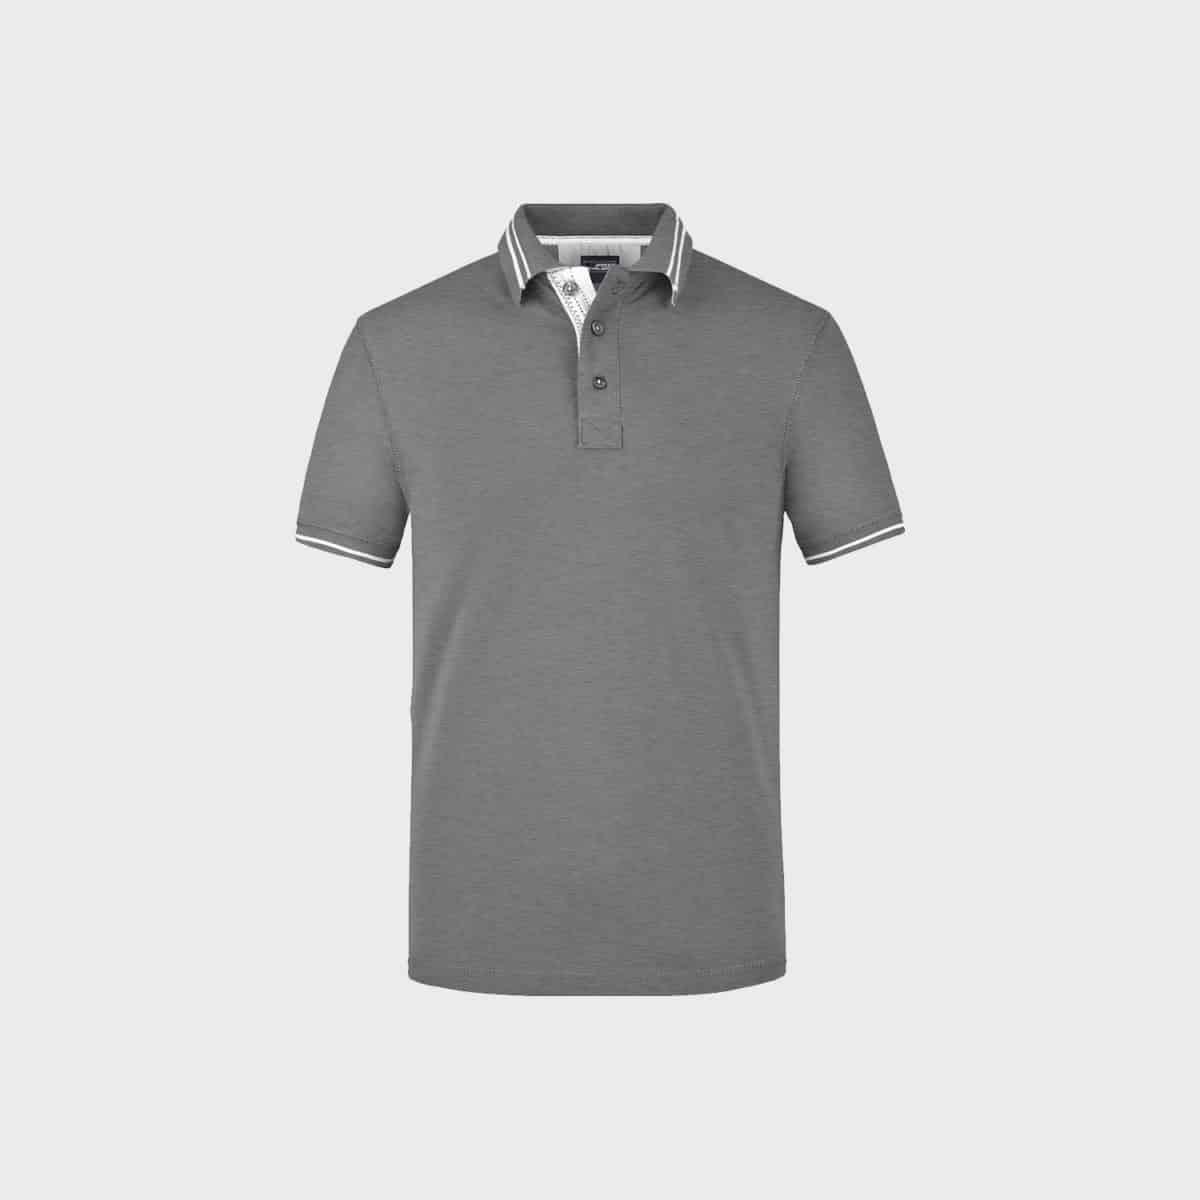 lifestyle-polo-t-shirt-herren-grey-melange-kaufen-besticken_stickmanufaktur